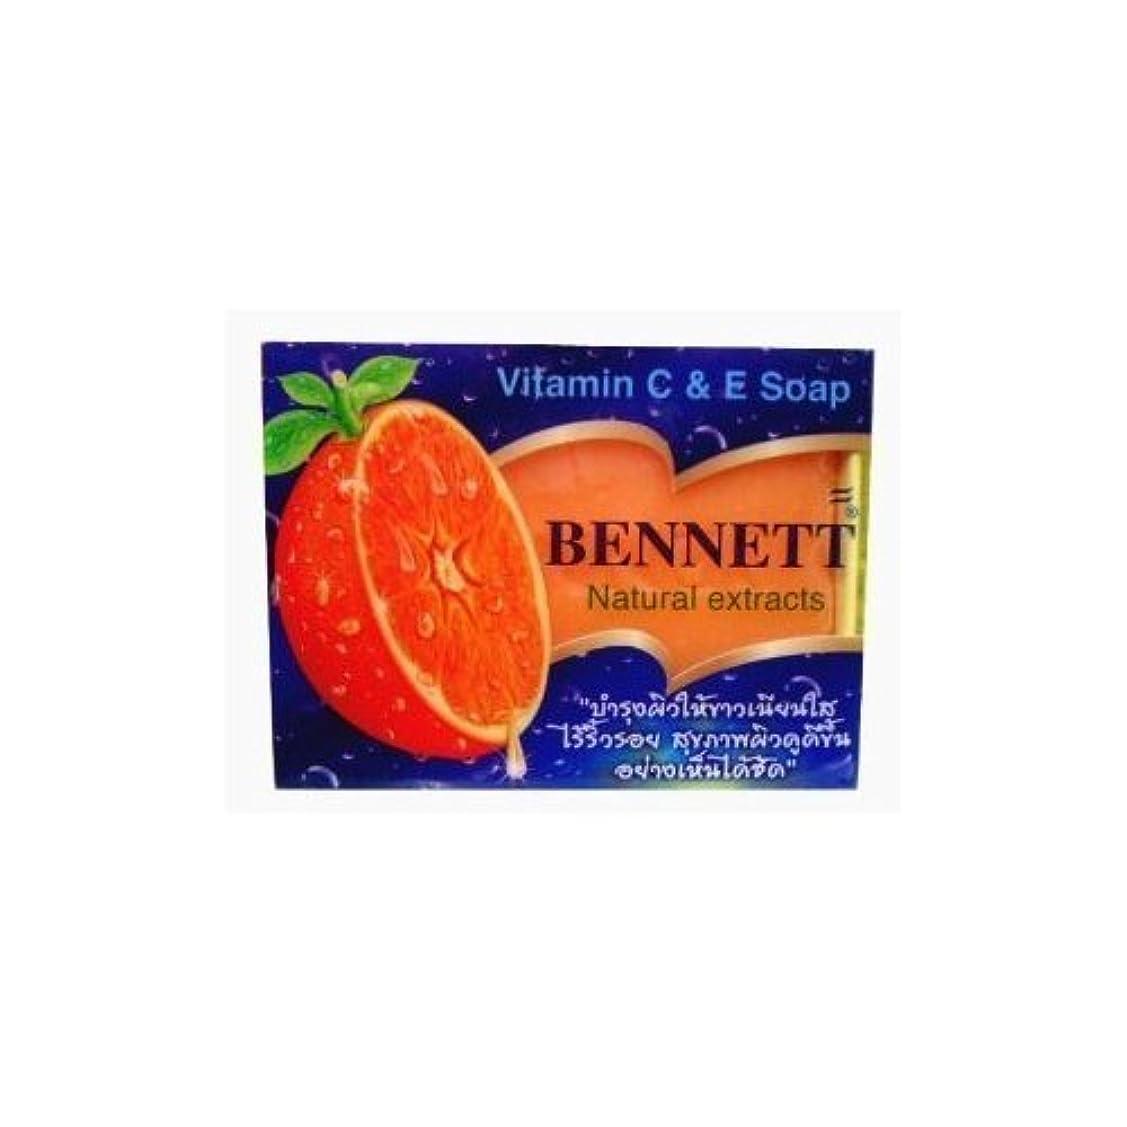 ほとんどない輝く優先権High Vitamin Fruit Extract Body and Face Bar Spa Soap 4.59 0z, Enriched Vitamin C & E Skin Smooth & Anti Acne...